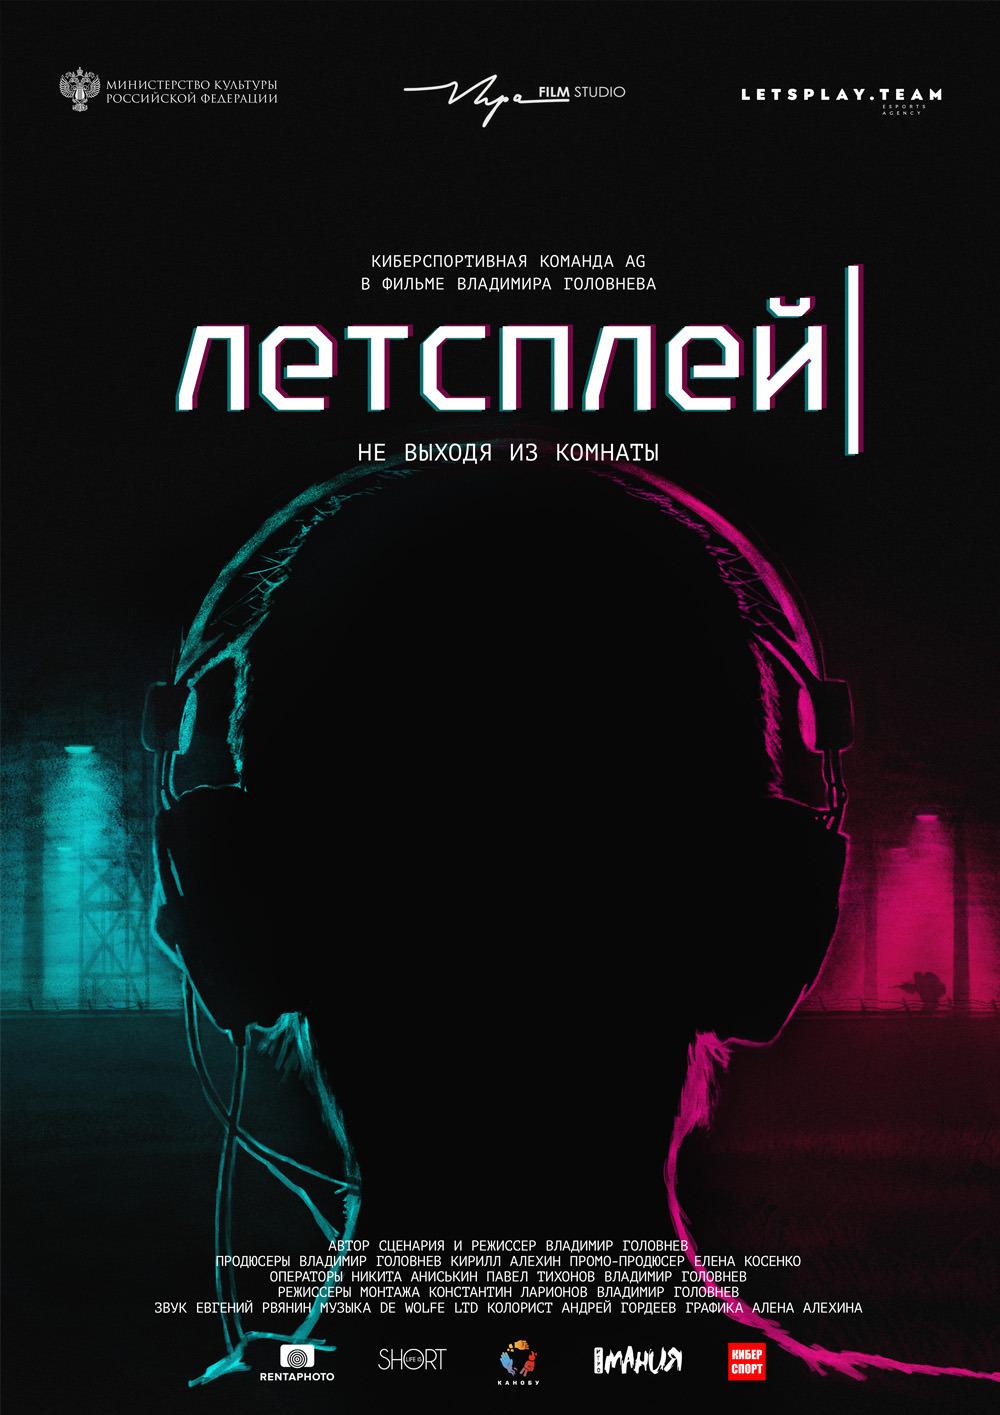 Документальный фильм «Летсплей» рисует портрет поколения киберспортсменов | Канобу - Изображение 6341